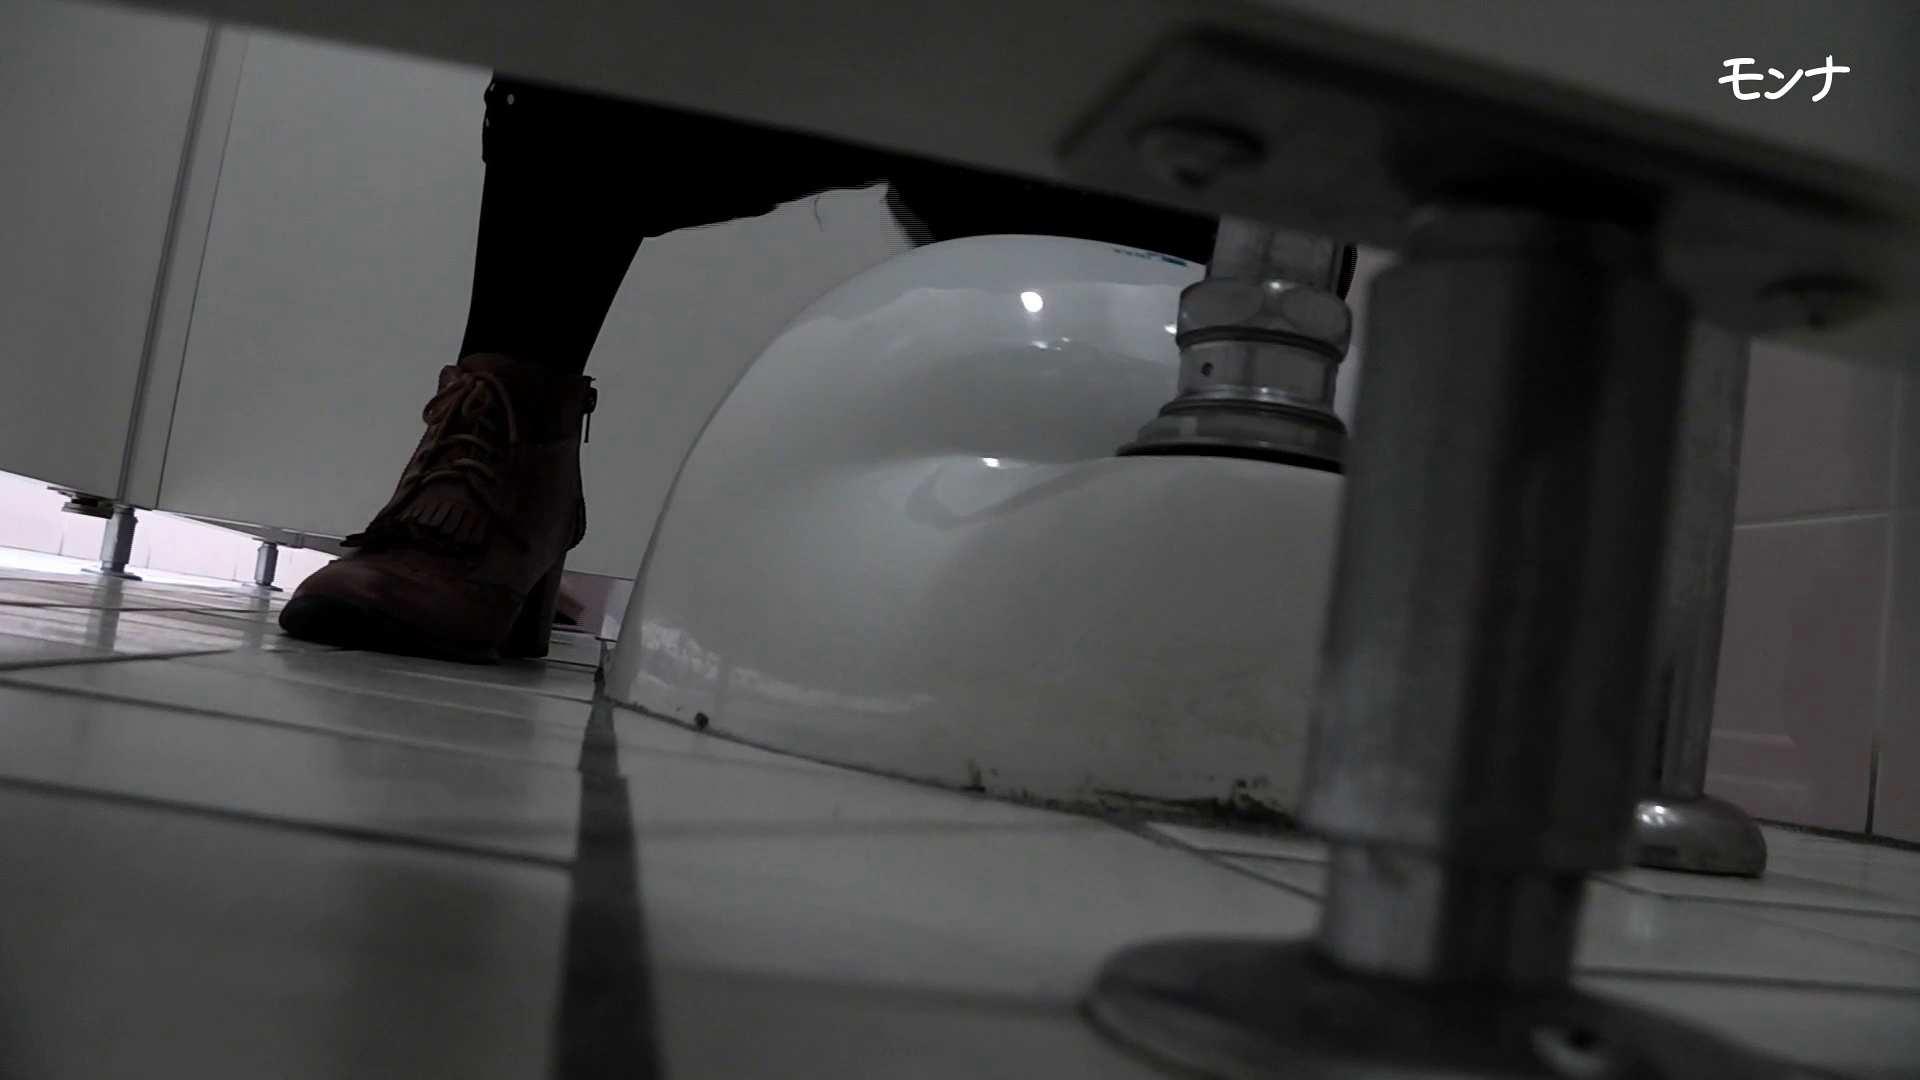 【32位 2016】美しい日本の未来 No.47 盗撮エロすぎ   おまんこ無修正  33連発 24